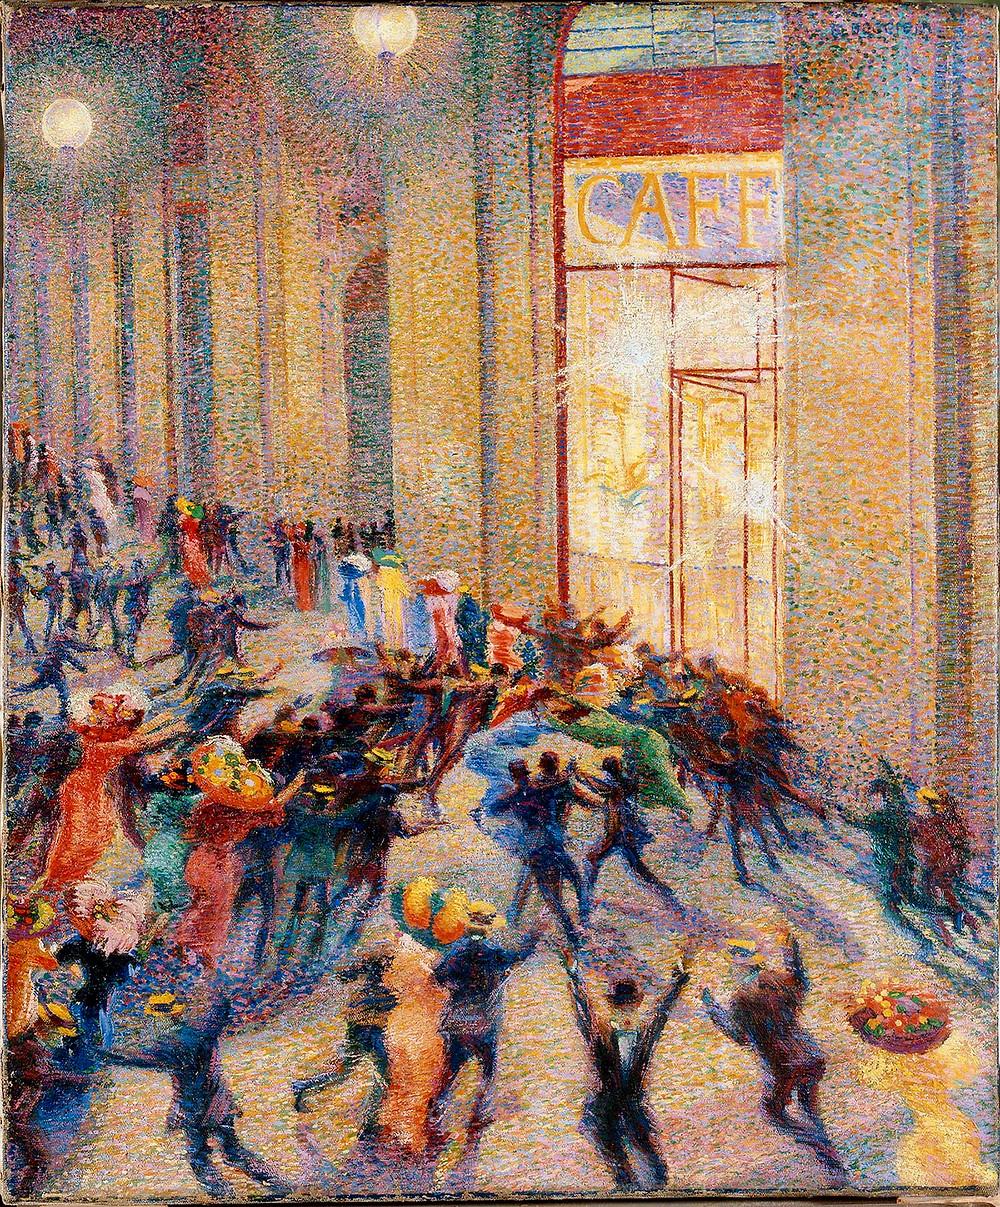 Umberto Boccioni, Riot in the Gallery, 1910